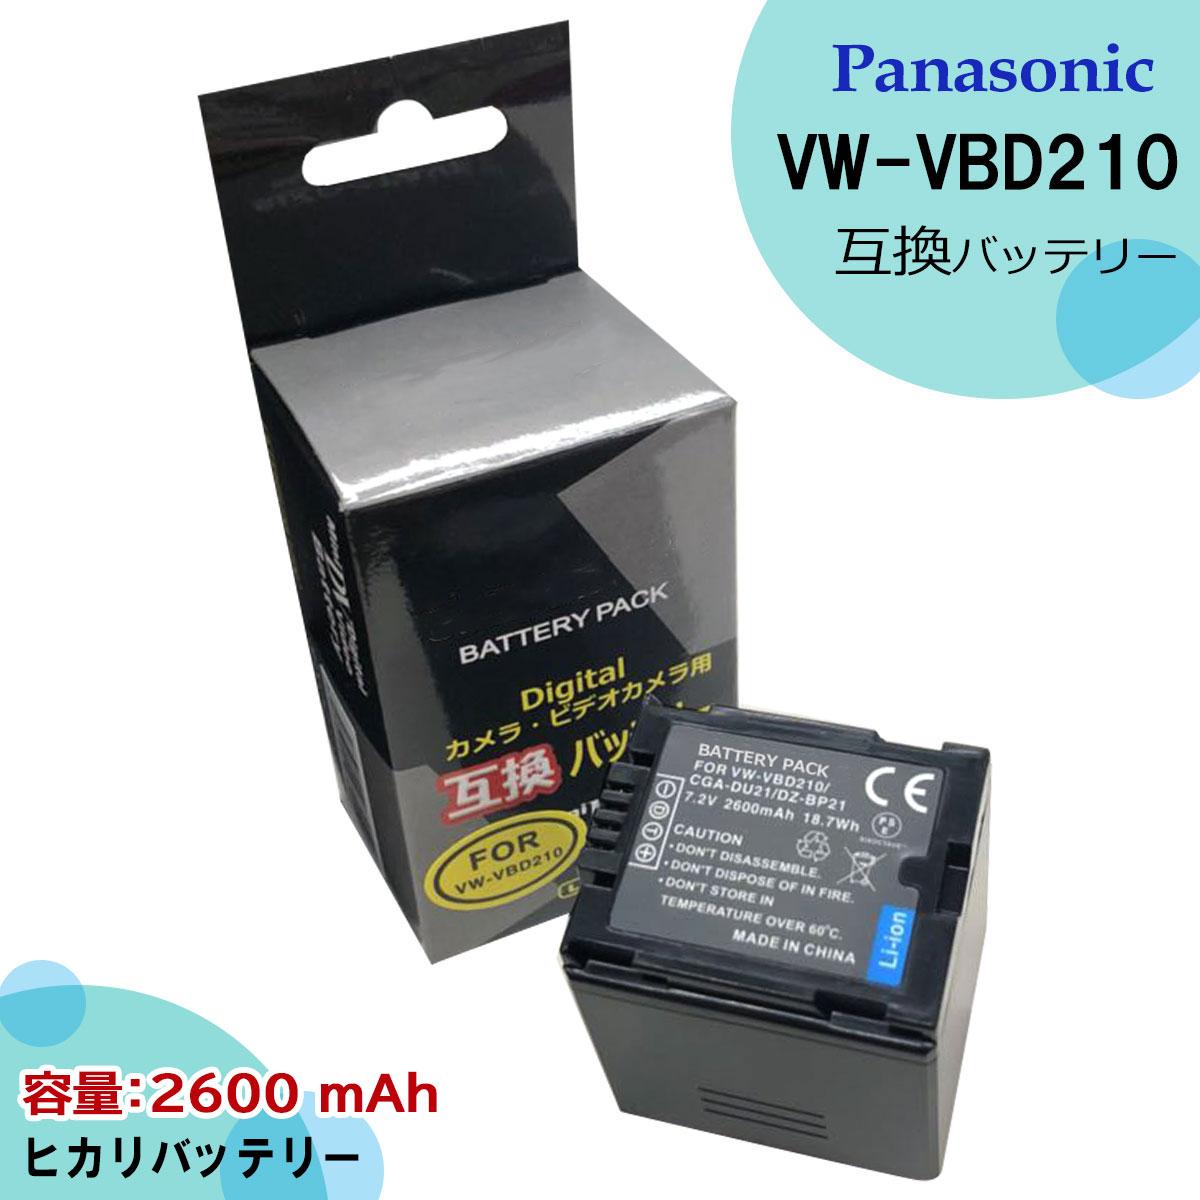 互換バッテリー 6ヶ月保証 残量表示可能純正充電器で充電可能 VW-VBD210 あす楽対応 店内限界値引き中&セルフラッピング無料 Panasonic 1個 残量表示可能 一部機種カメラ本体で充電可能 NV-GS250 NV-GS320 DZ-BD10H NV-GS300 DZ-HD90 DZ-BD9H NV-GS400K NV-GS500 激安価格と即納で通信販売 PV-GS19 PV-GS31